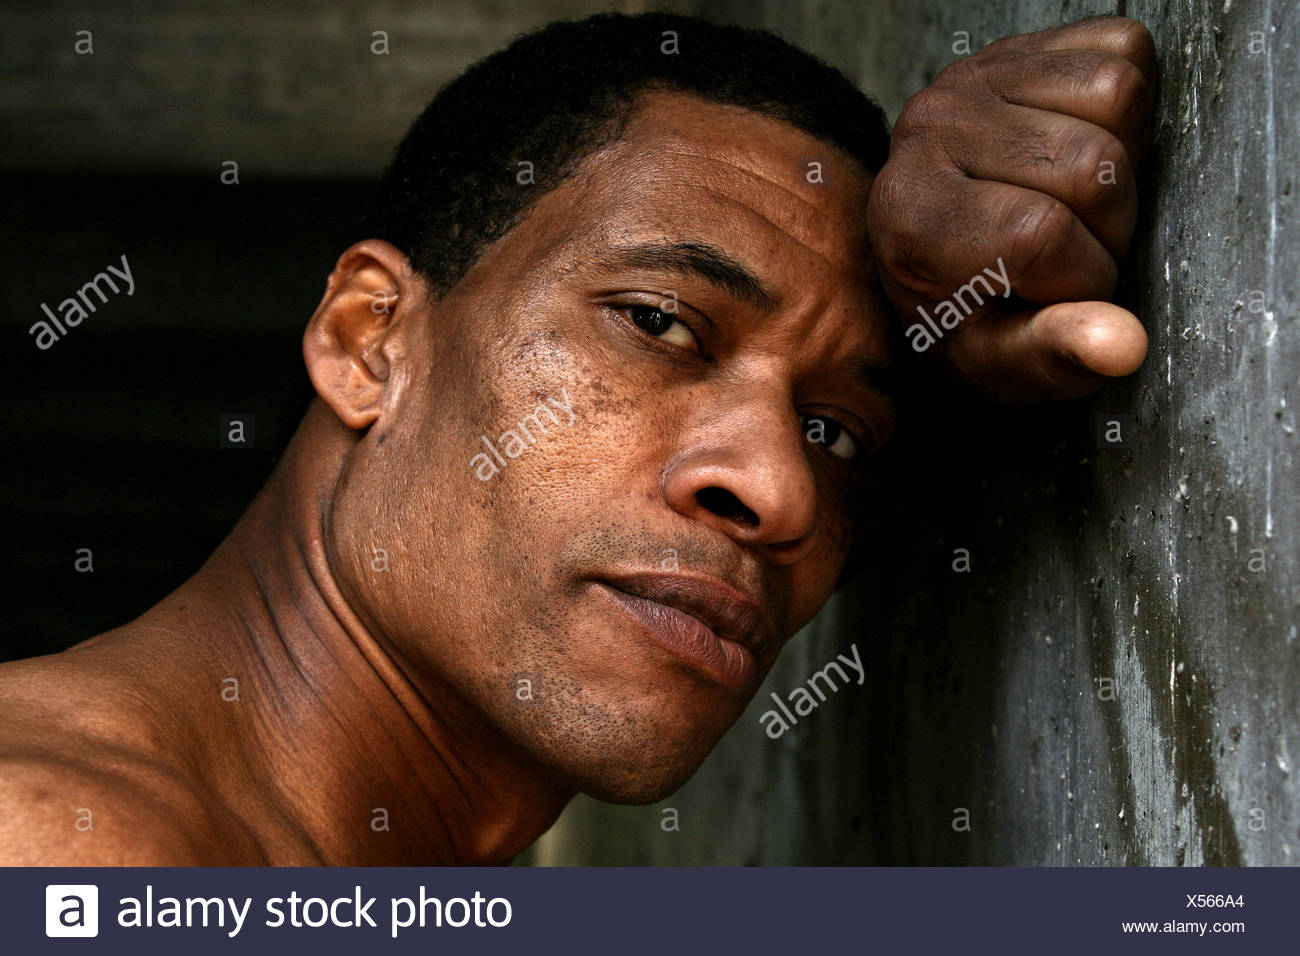 L'uomo,esaurito,ritratto Immagini Stock